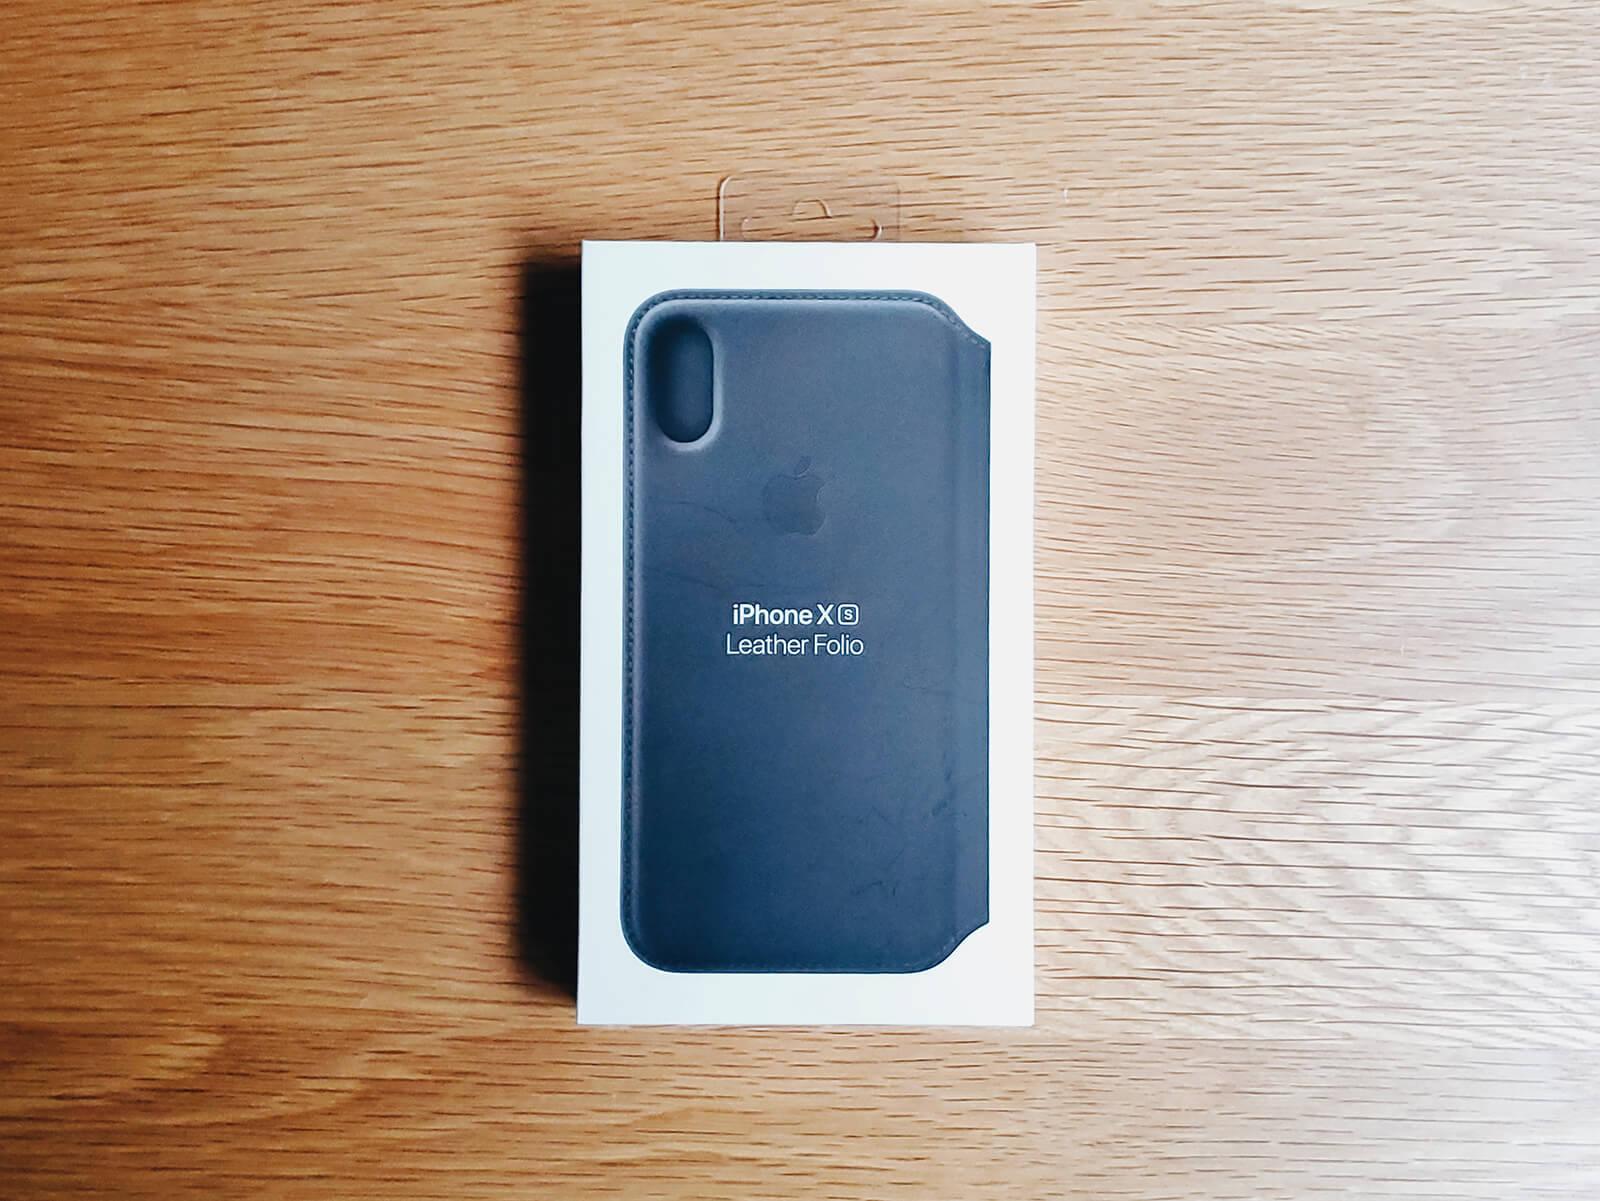 iPhone XSレザーフォリオ